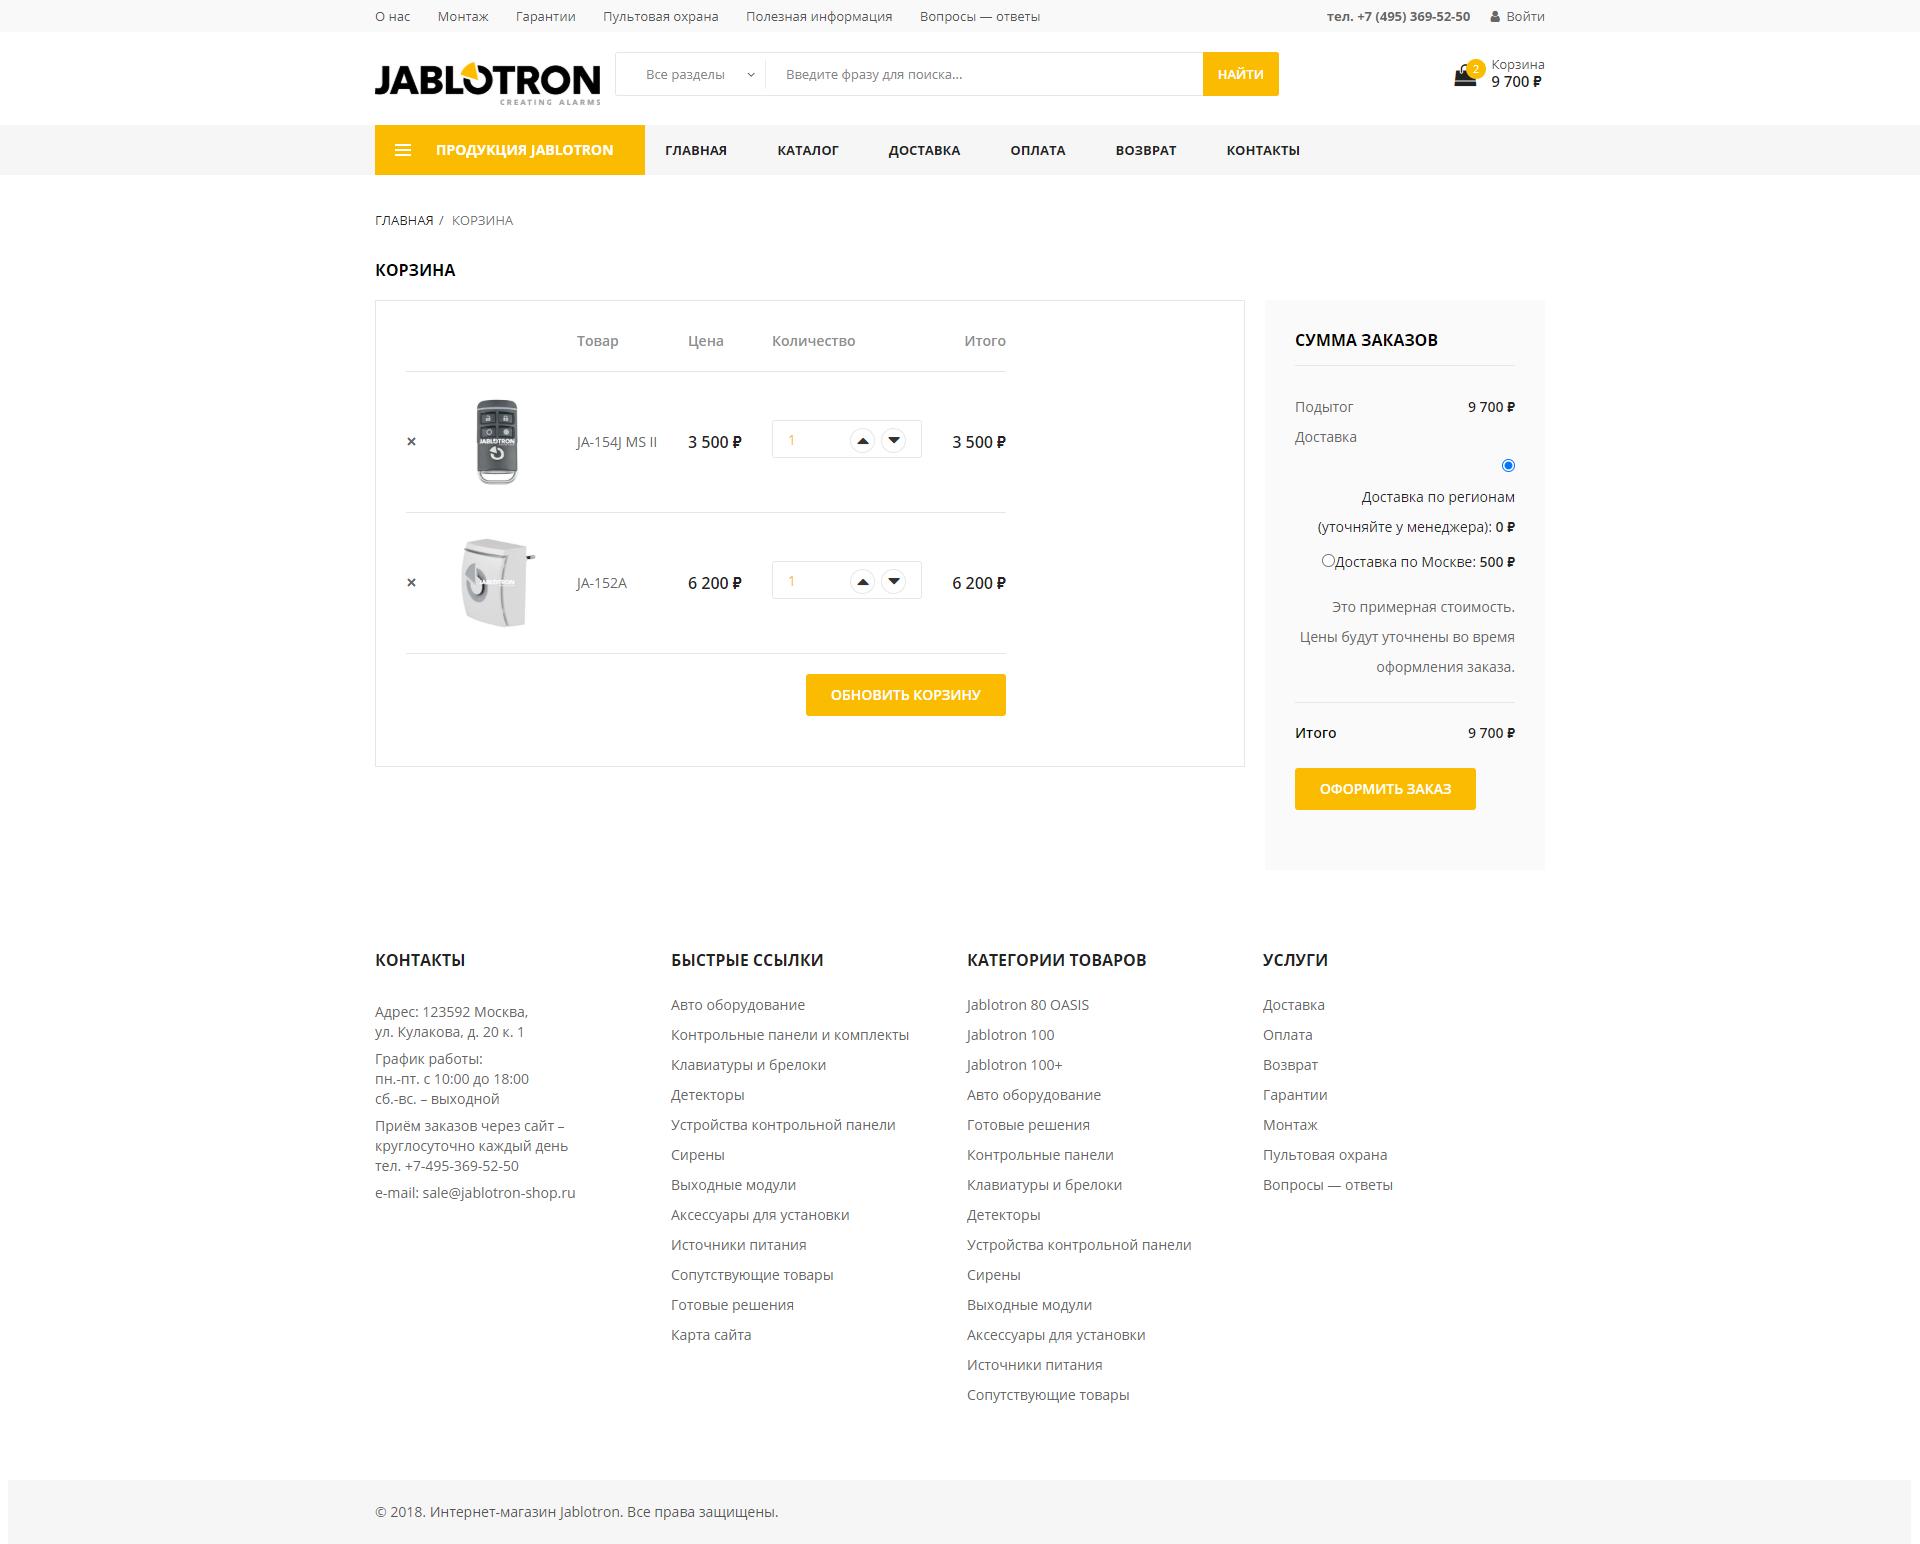 Создание интернет-магазина для систем видеонаблюдения